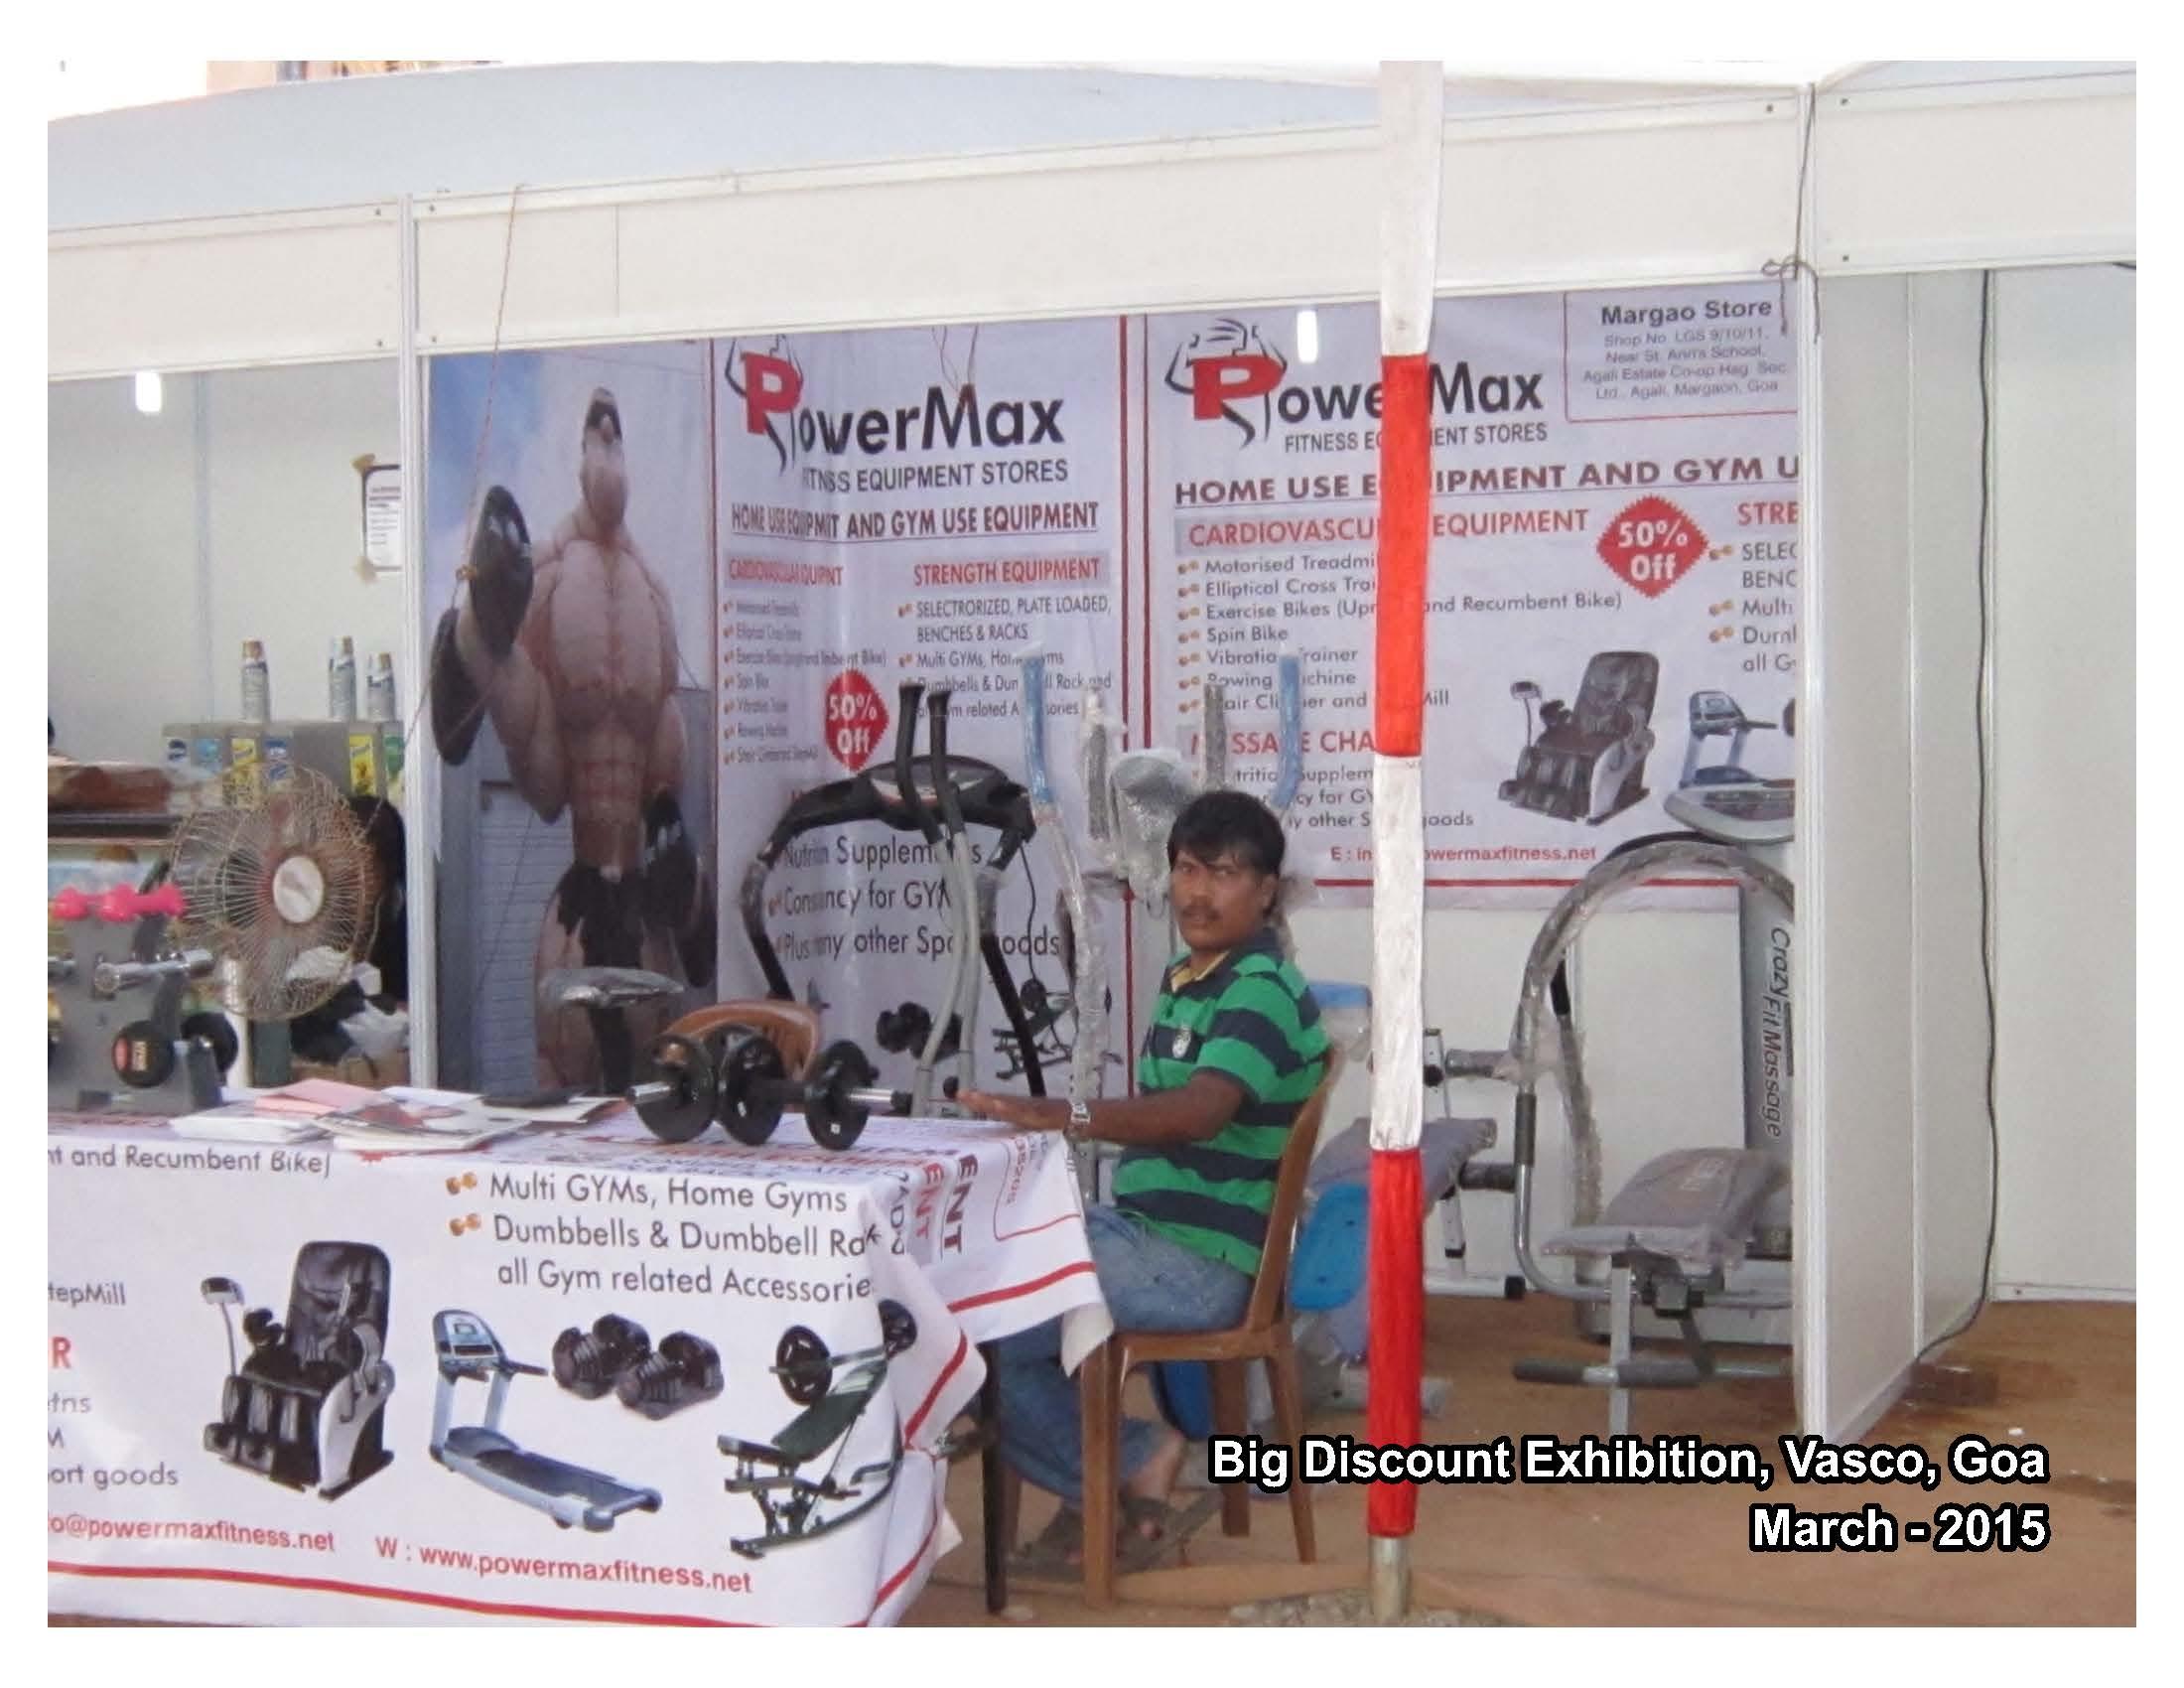 Exhibition Vasco